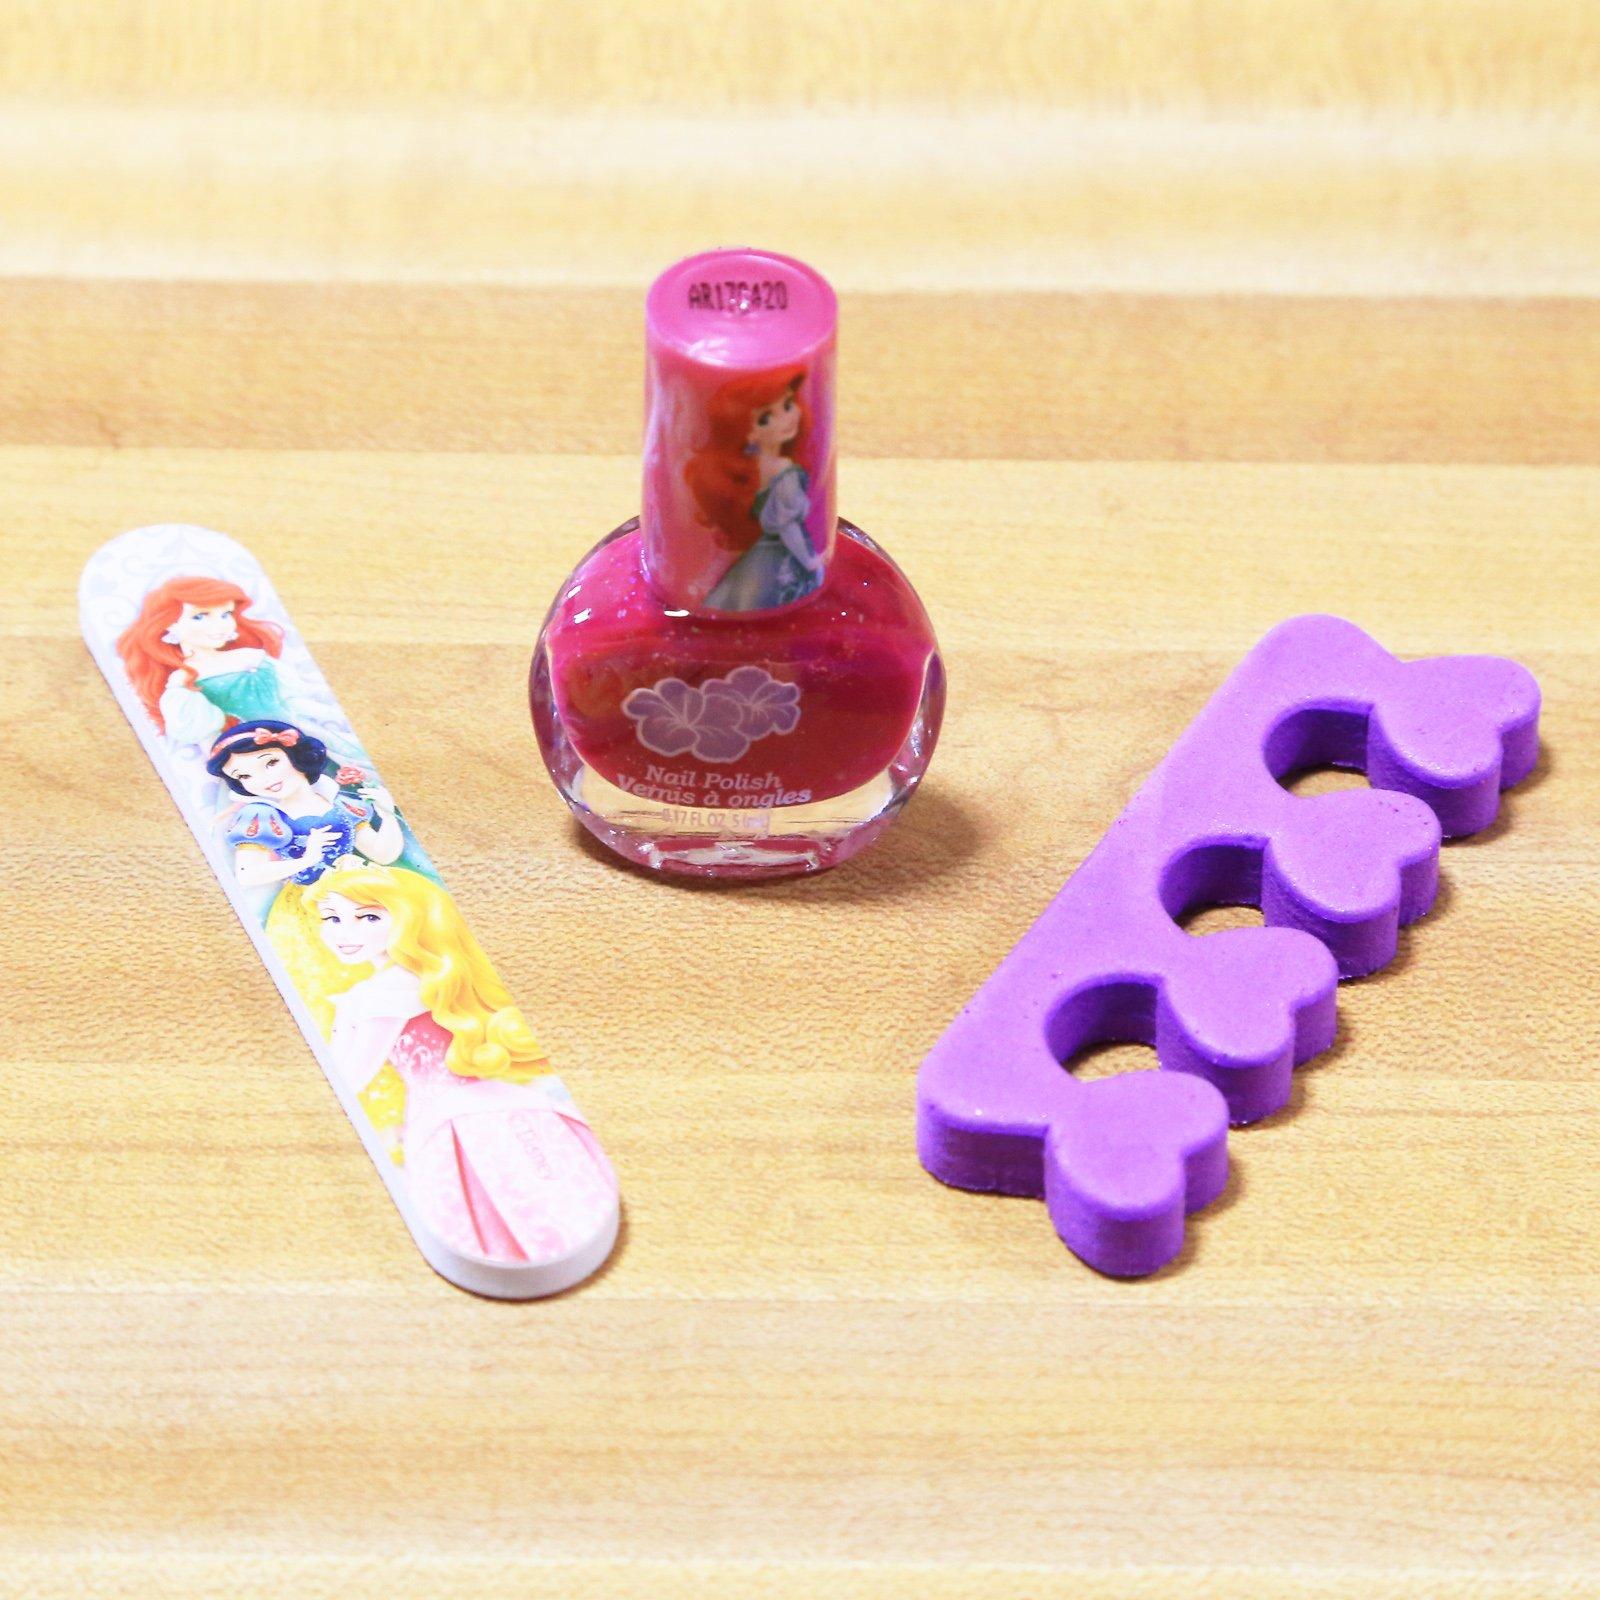 Disney Princess Nail Polish Kit Girls Gift Set Stocking Stuffer - Pink